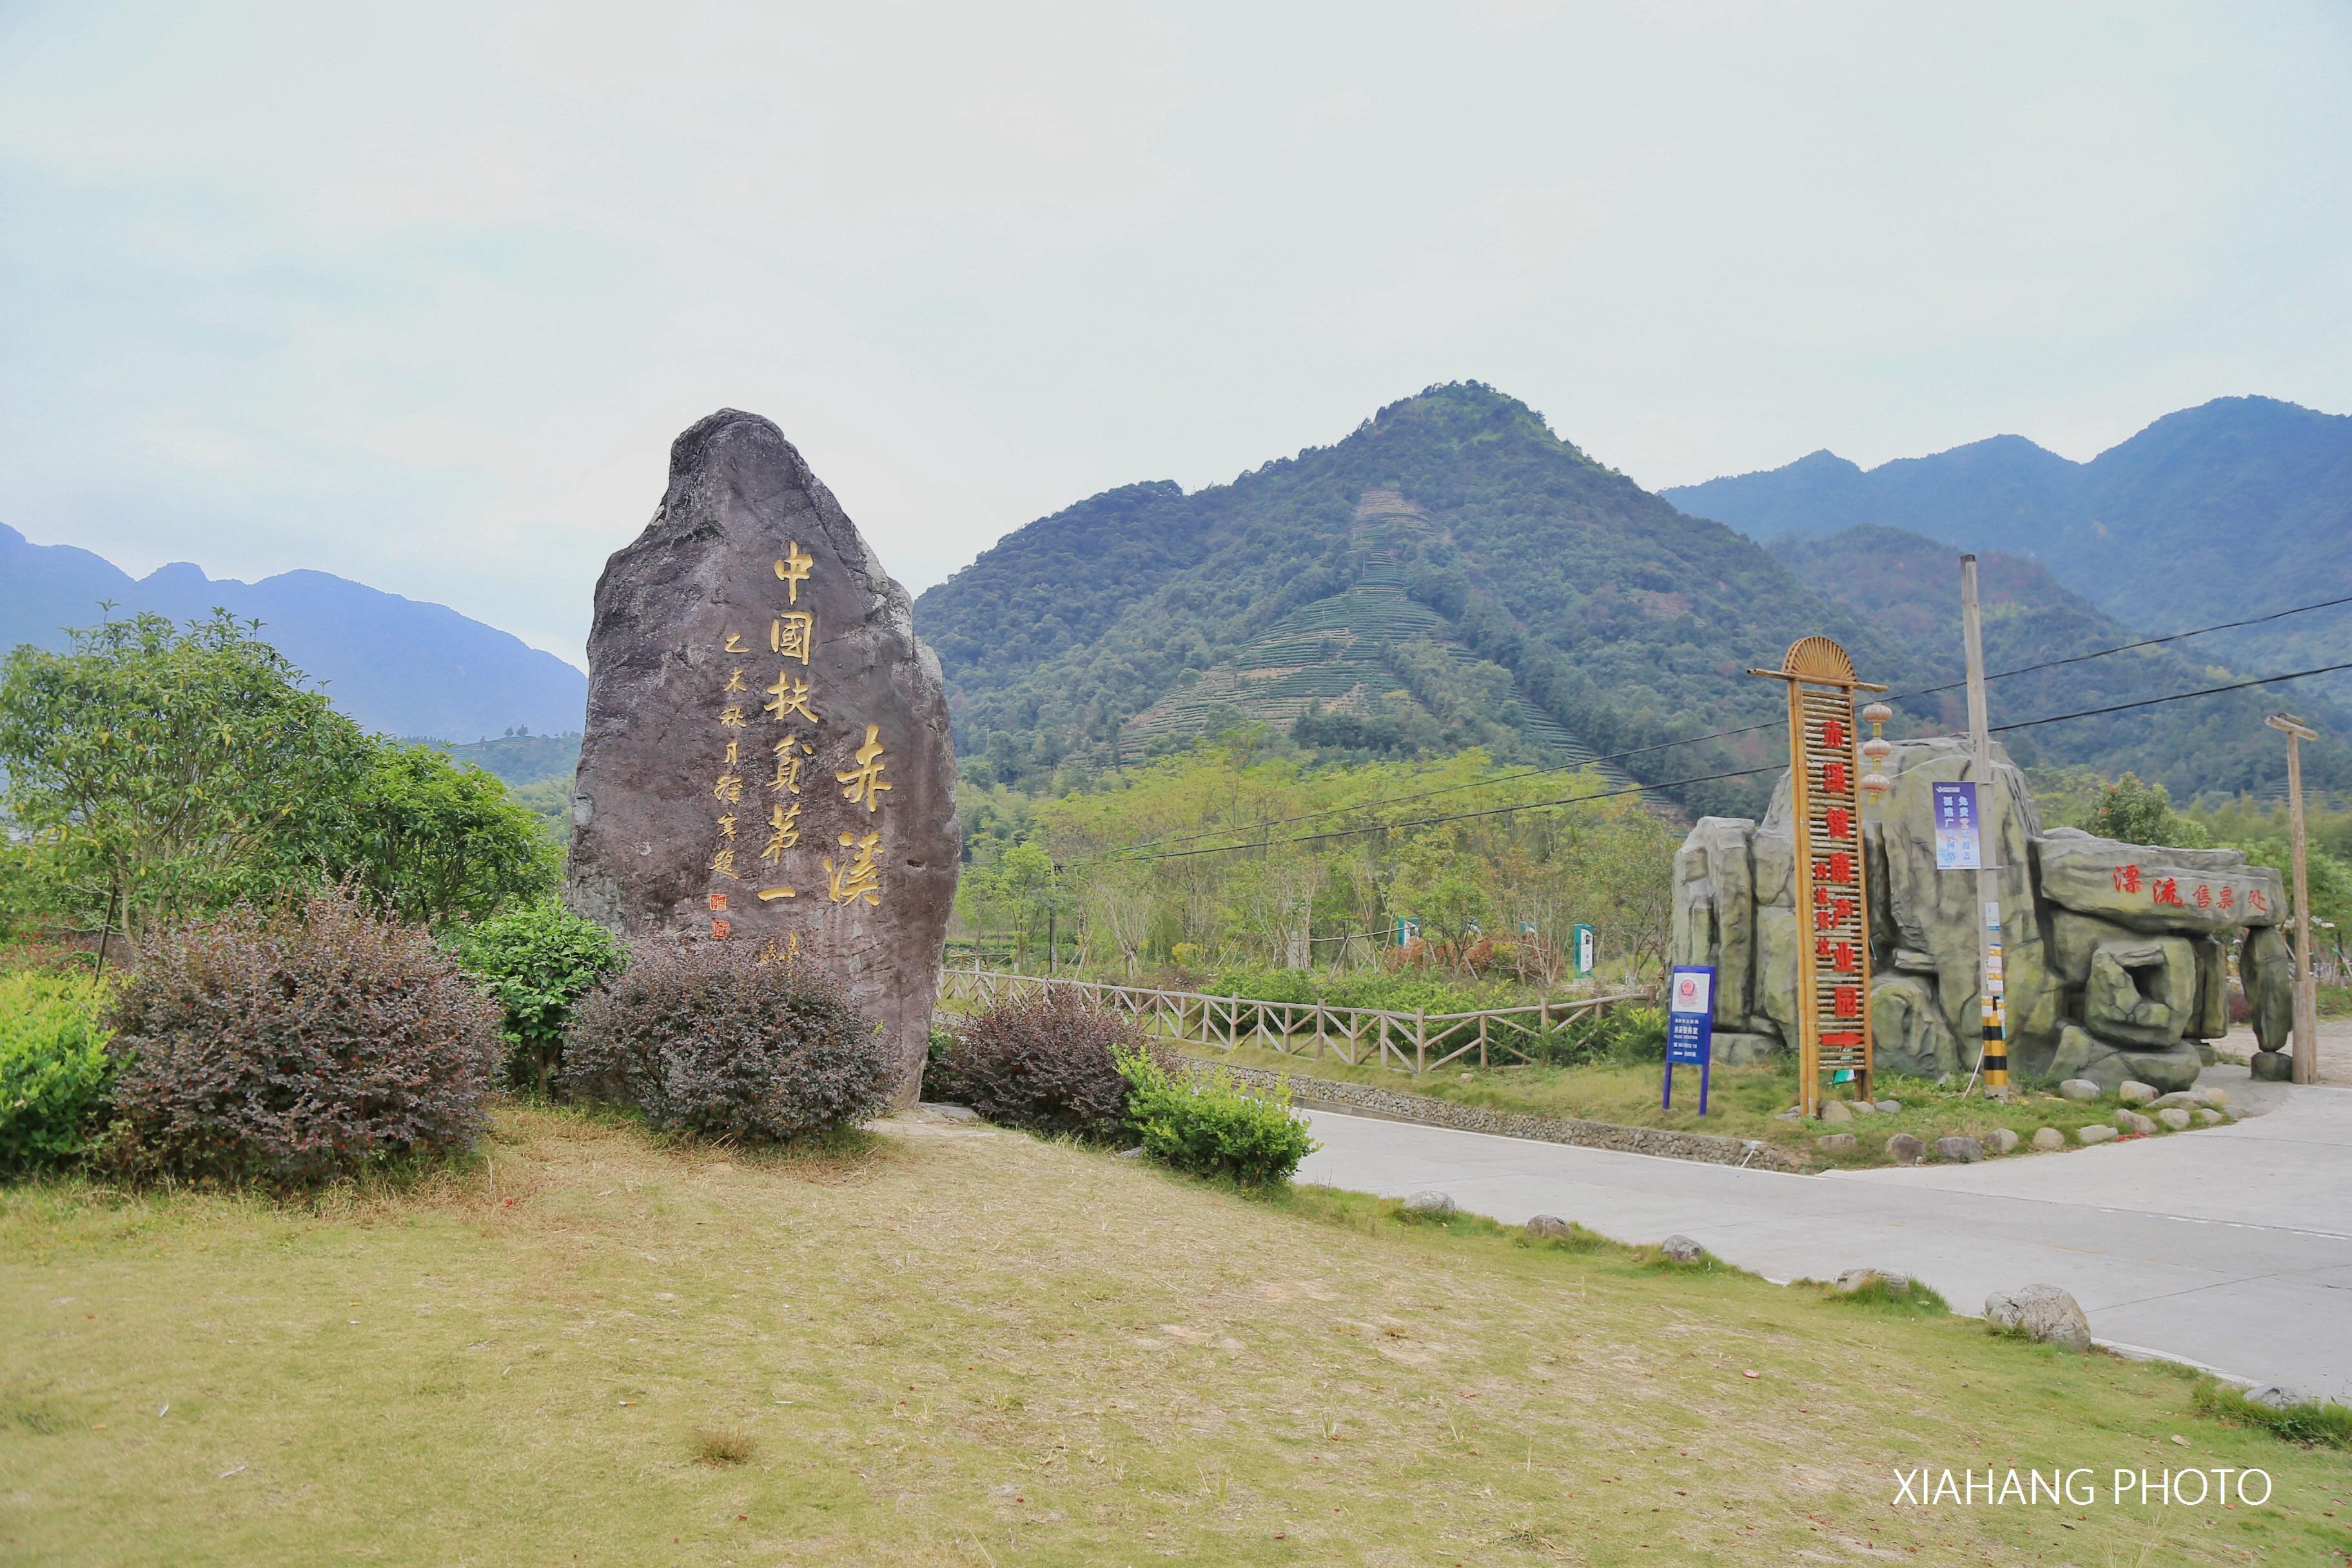 中国扶贫第一村换新貌,成了中国最美休闲乡村,九鲤溪穿流而过